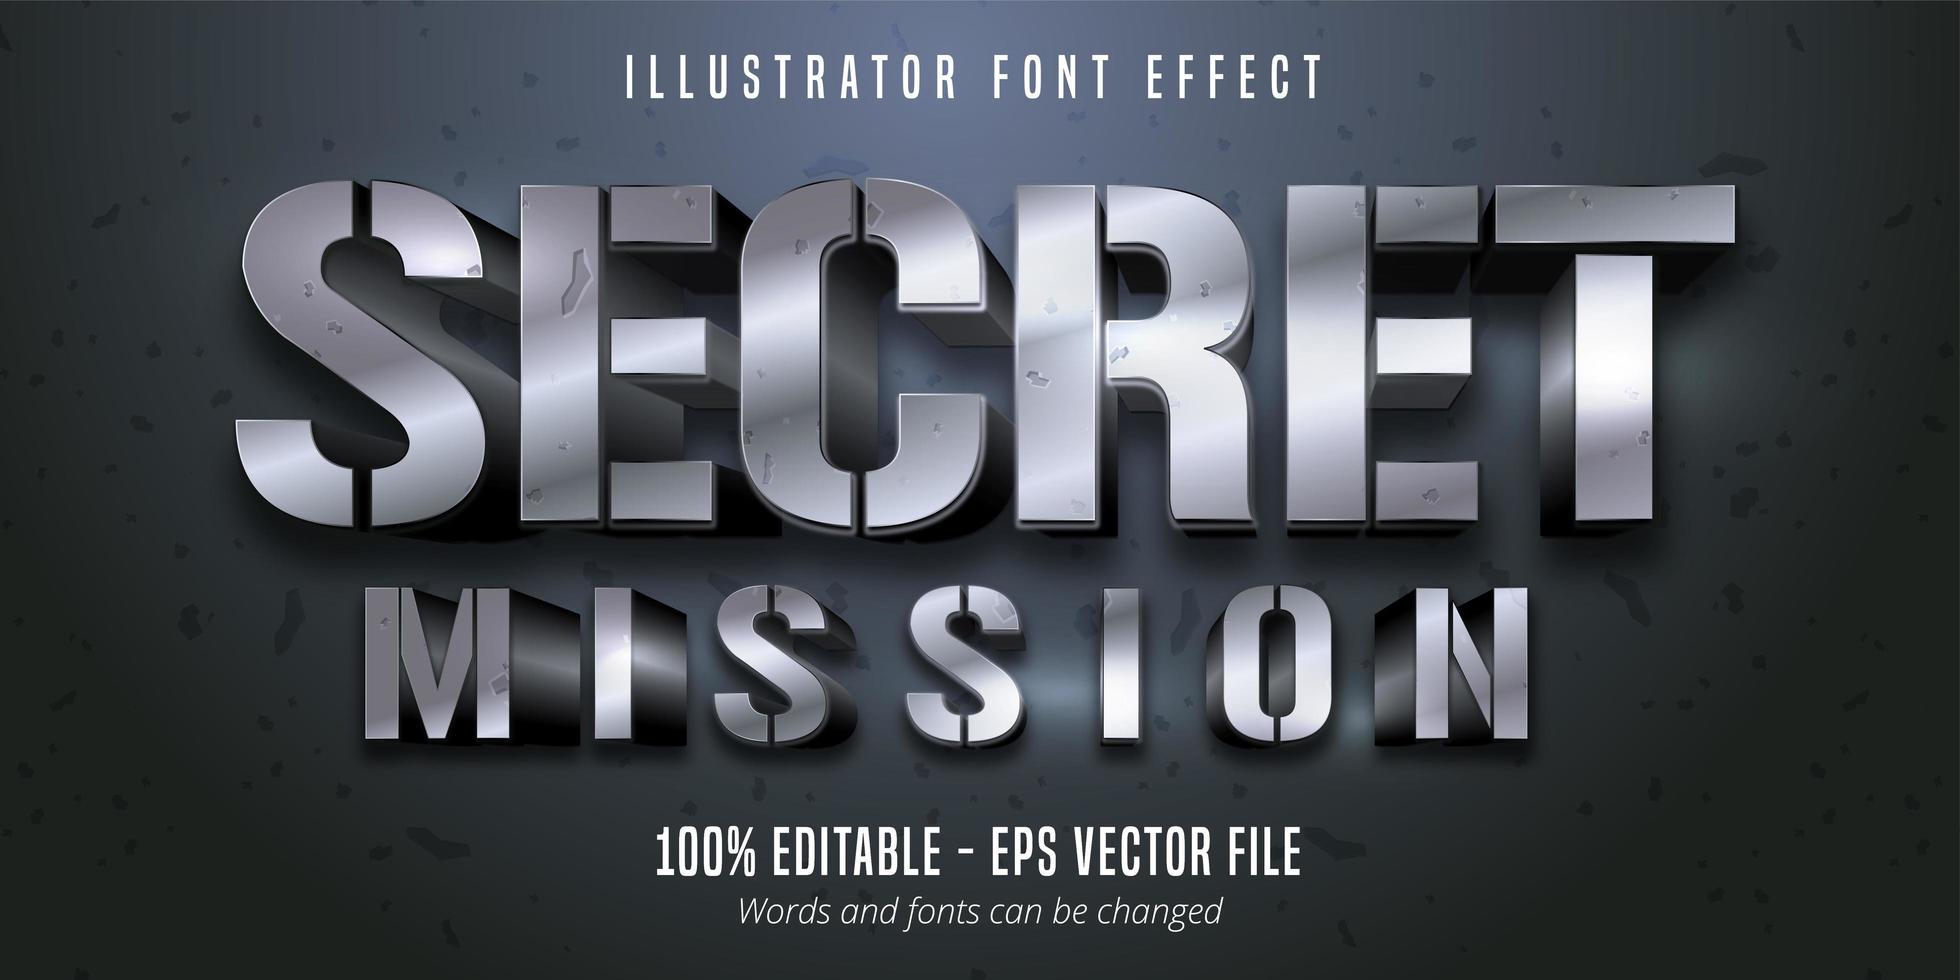 testo di missione segreta, effetto carattere modificabile in stile metallico argento 3d vettore